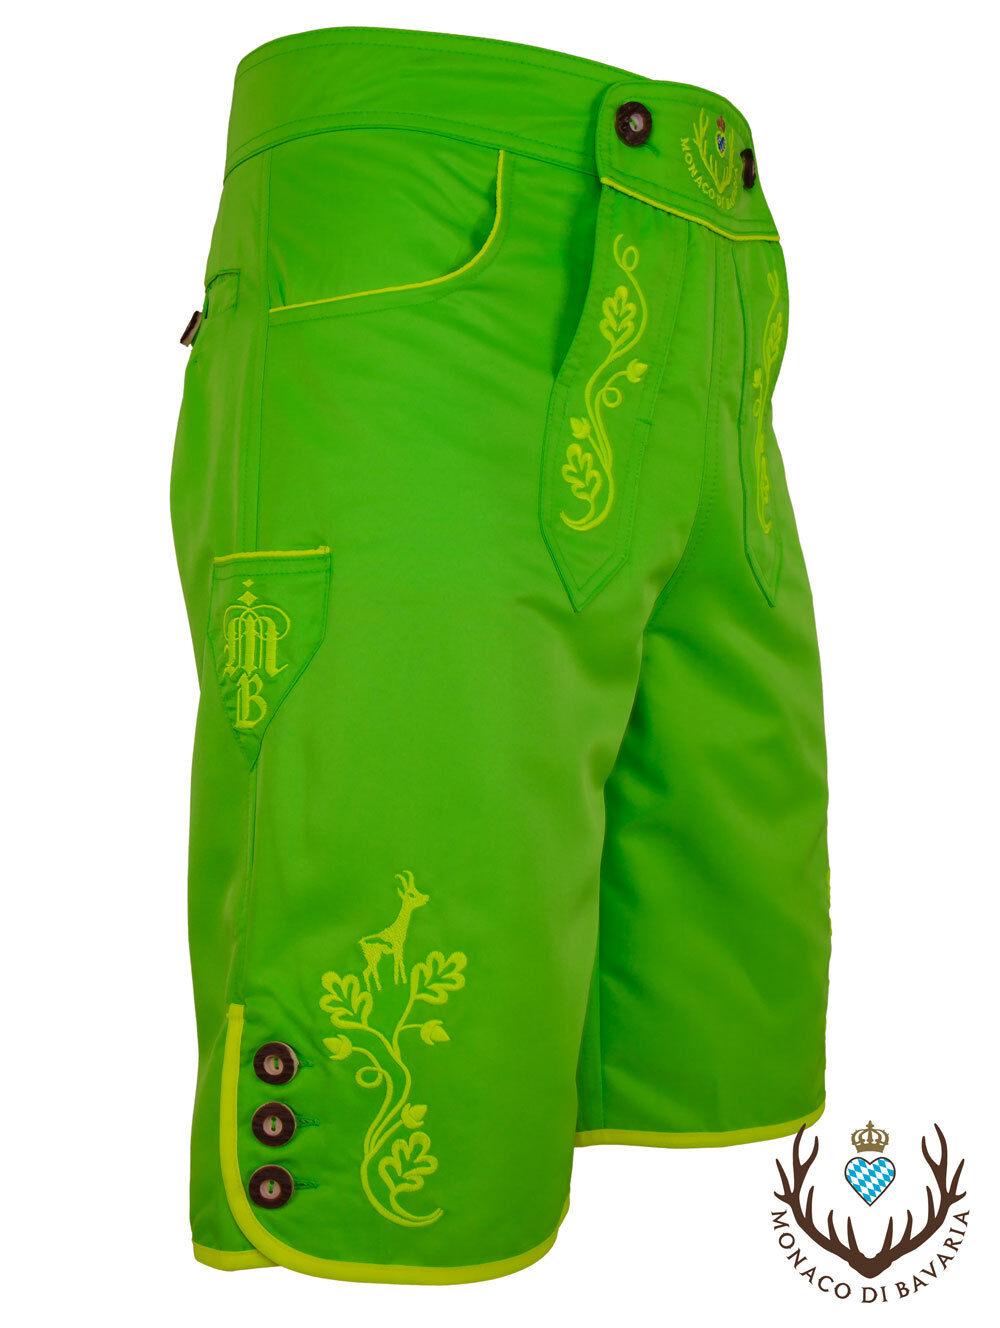 Die Neonfarbene aus Bayern Trachten Badehose Lederbadehose Badelederhose Wiesn  | Moderner Modus  | Gutes Design  | Moderne und stilvolle Mode